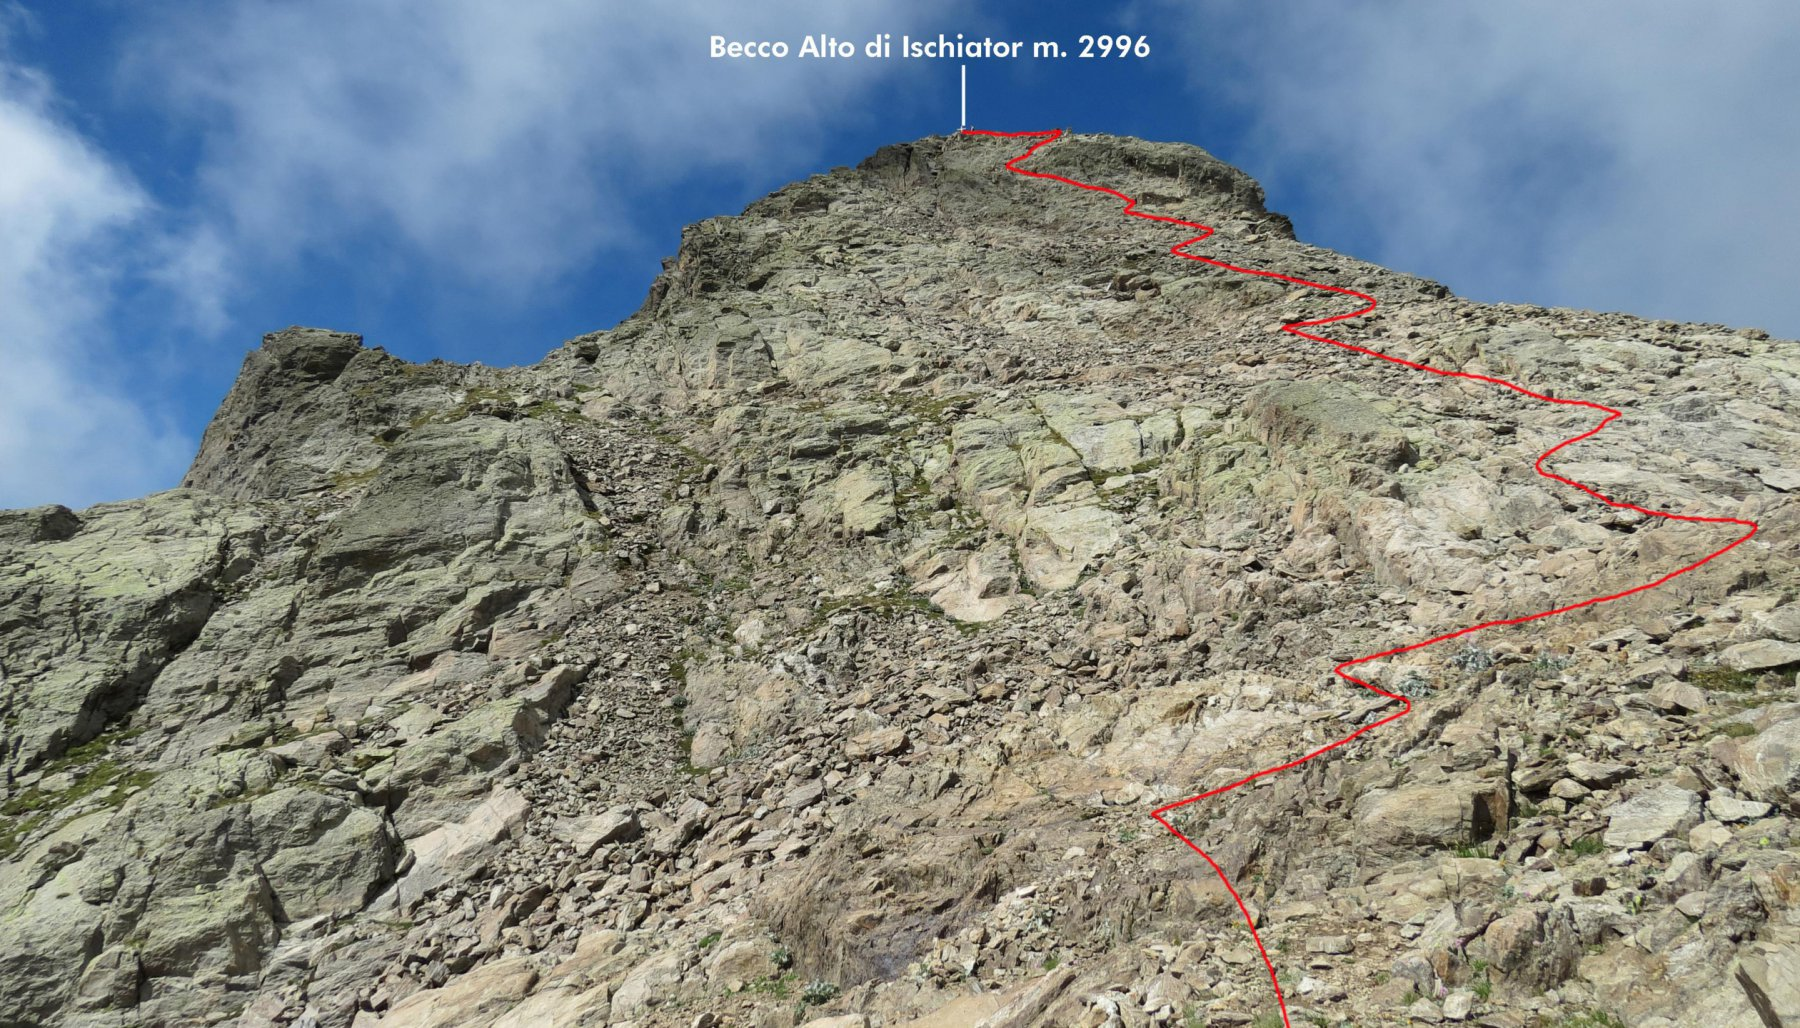 ultimo tratto di salita per la cima (2-8-2015)